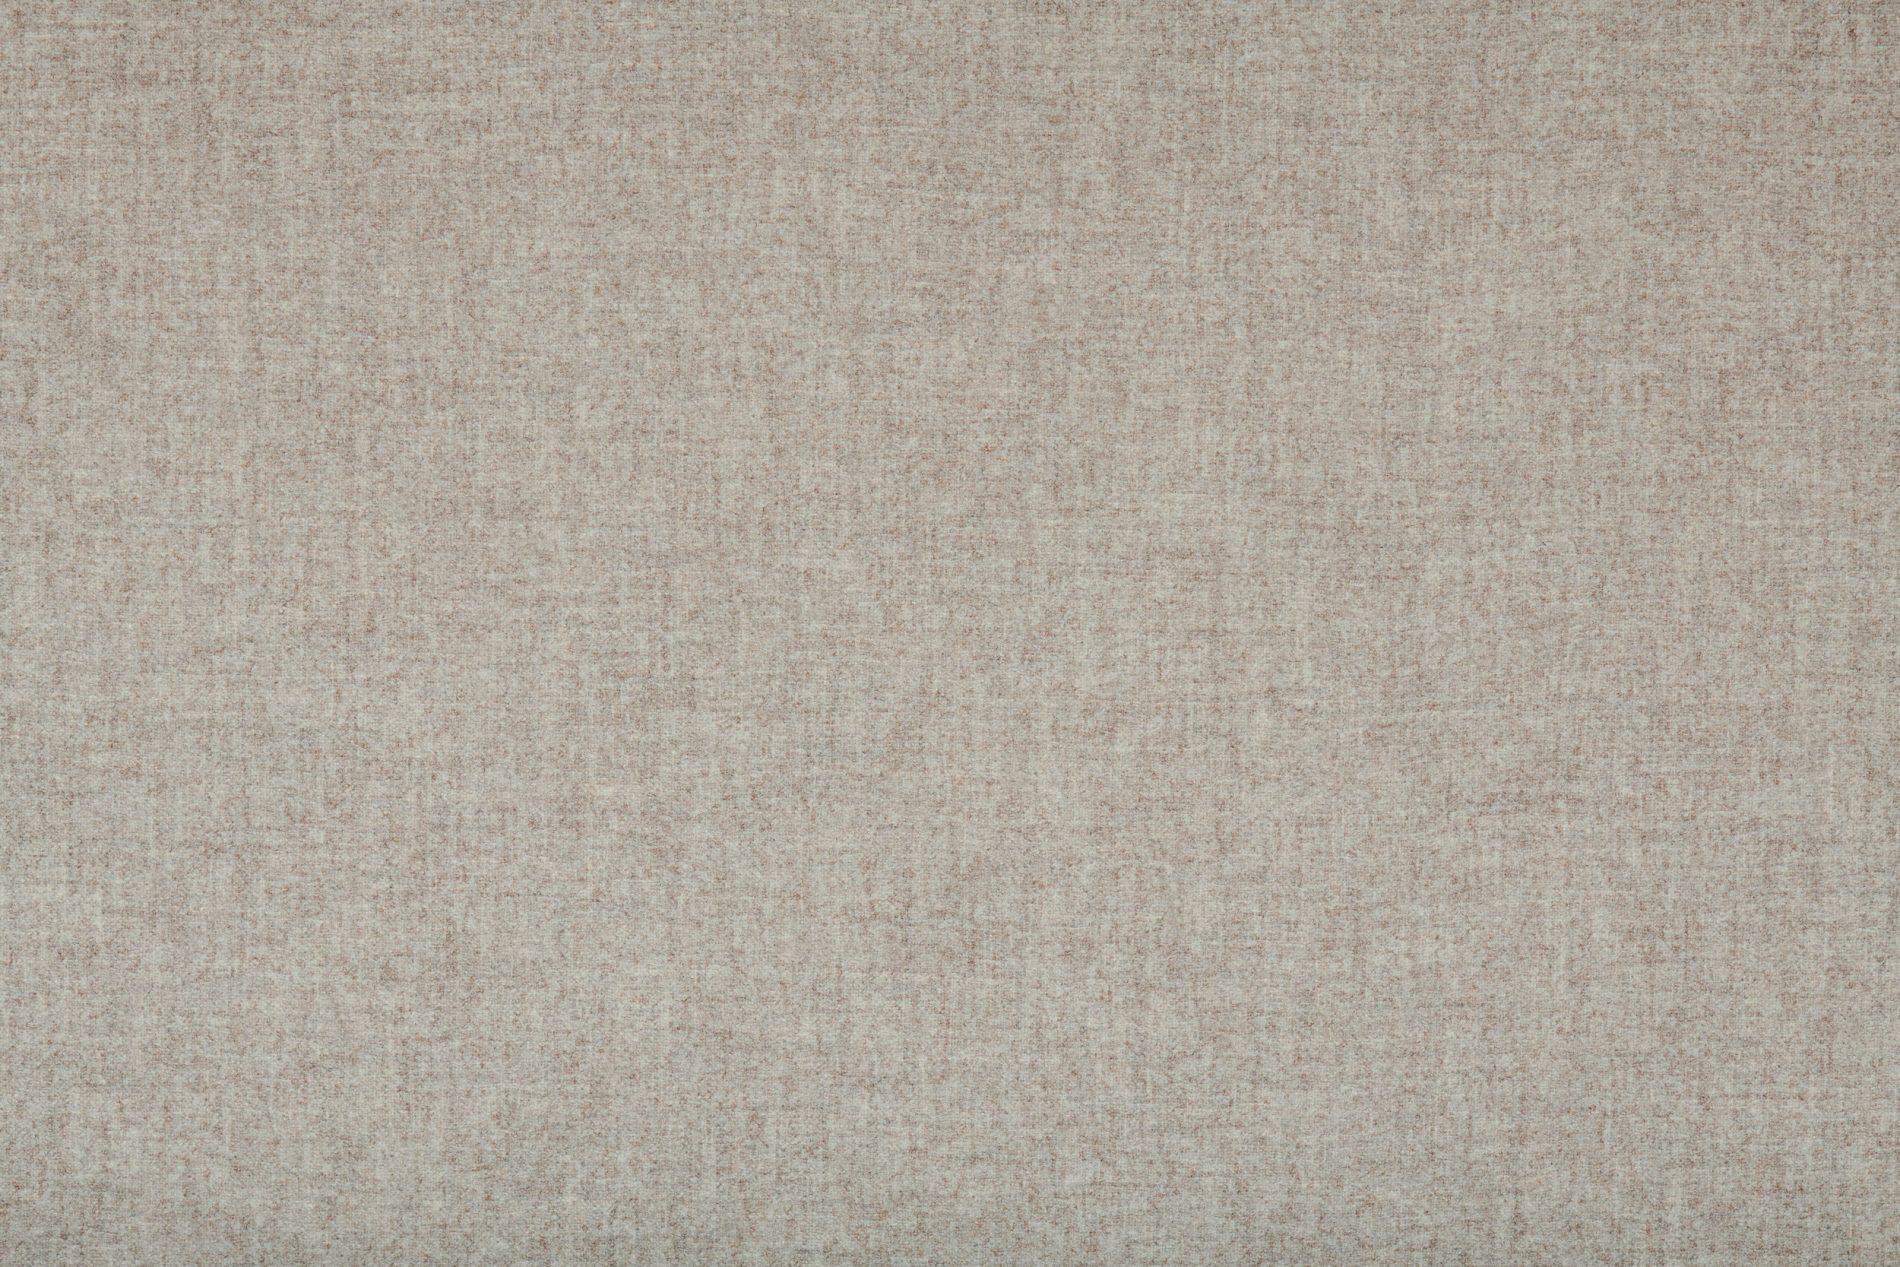 PURE 360 Plain Merino wool (19/5024)